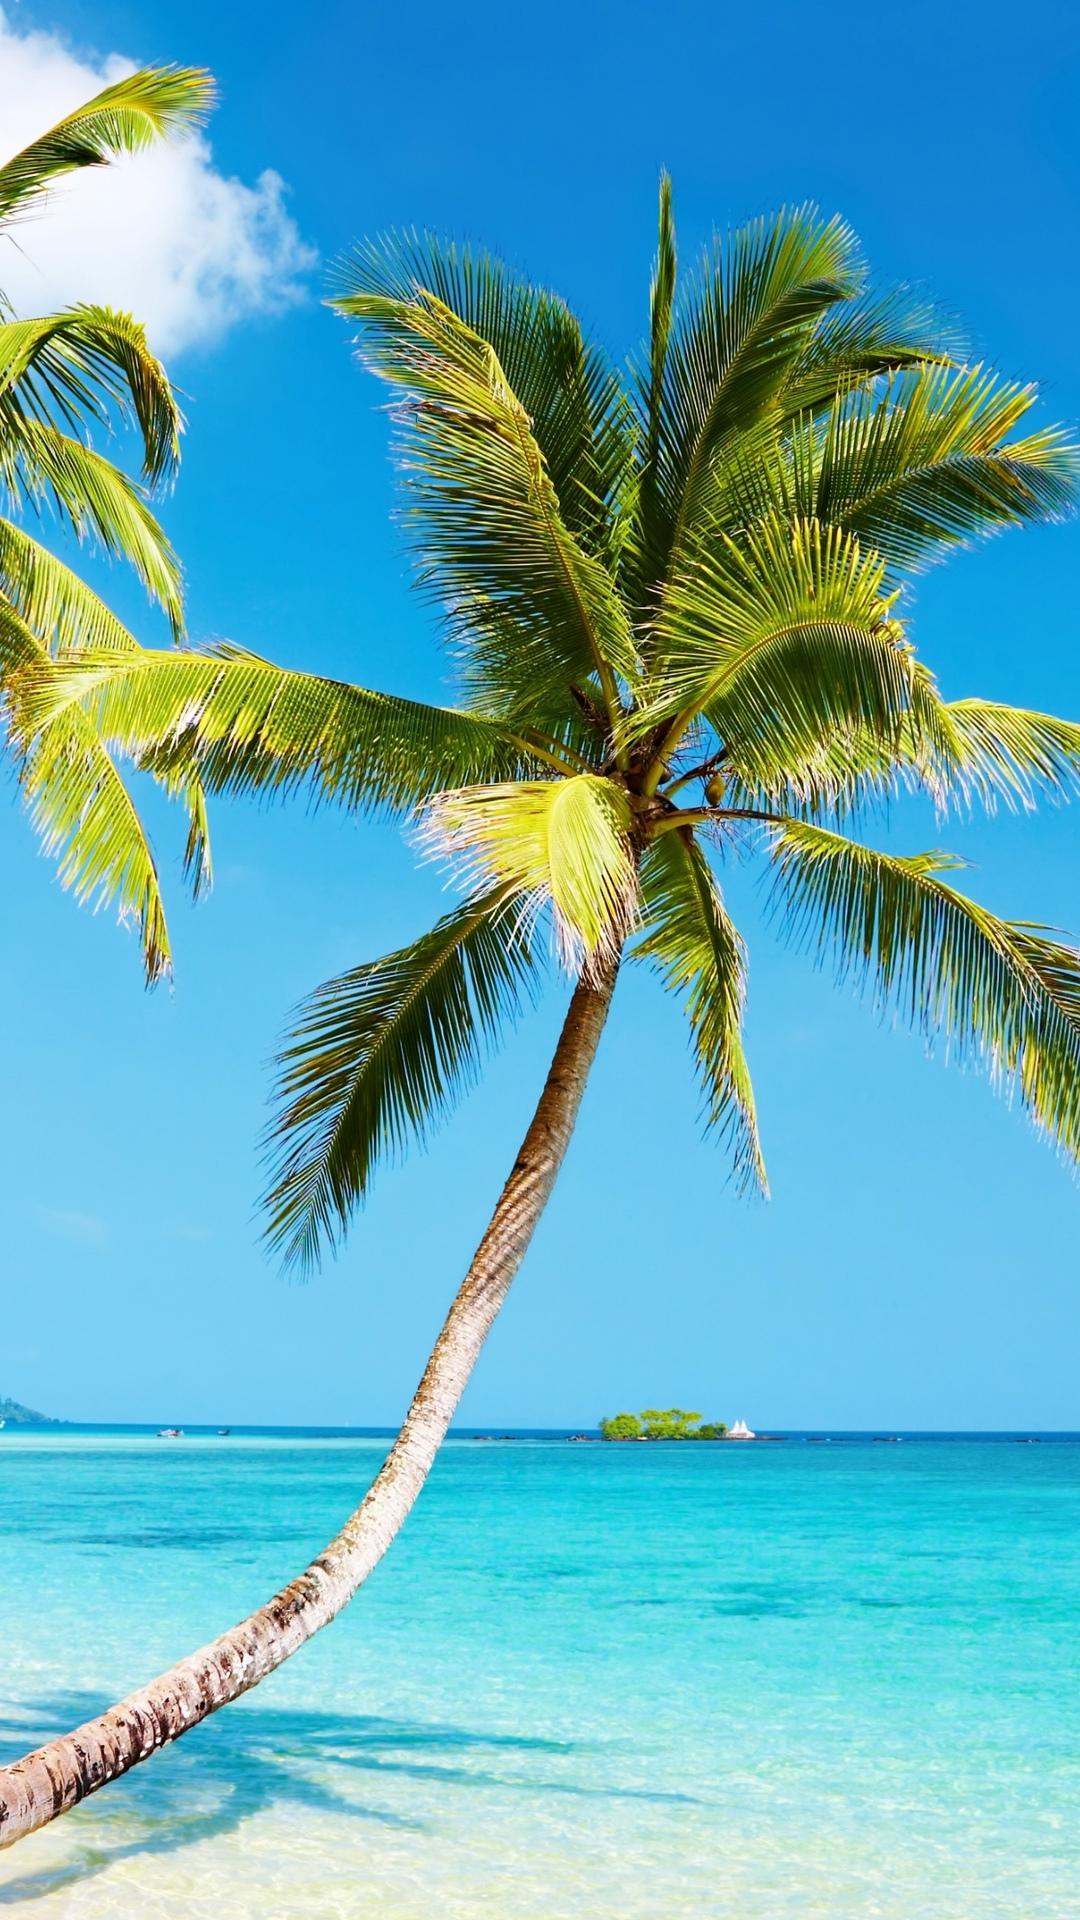 4k Wallpaper Beach Nature Beach Iphone 6 Plus Wallpaper - Buch Am Erlbach , HD Wallpaper & Backgrounds